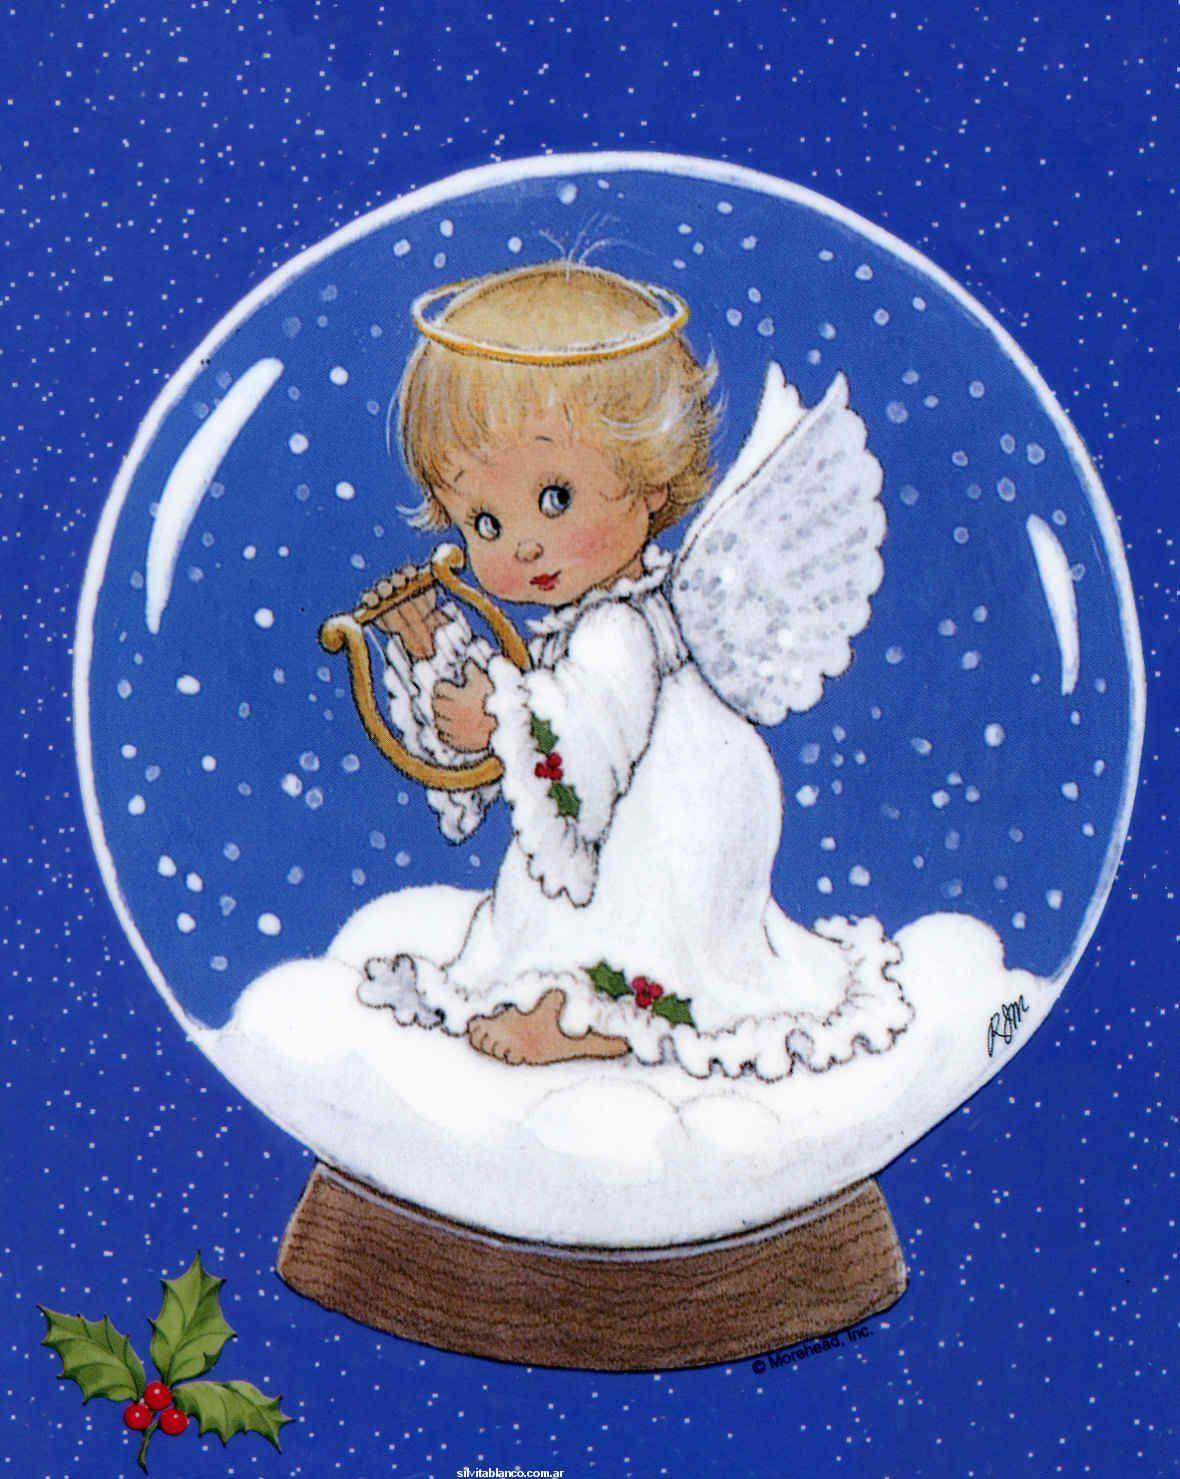 Открытка с ангелом к рождеству, добрым утром скучаю